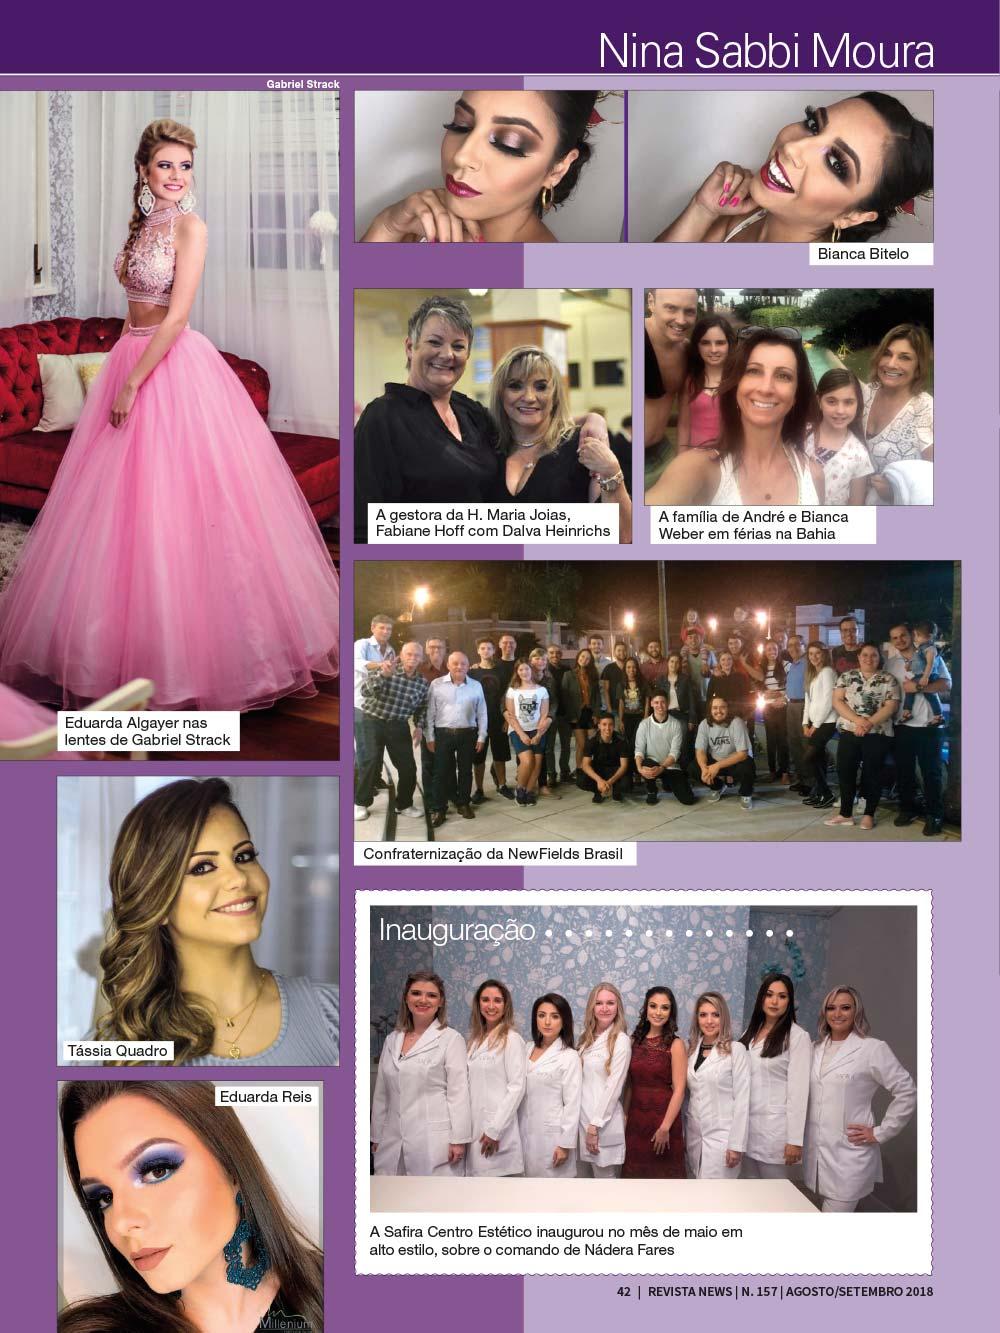 Revista News 157 42 - Nina Sabbi Moura - Edição 157